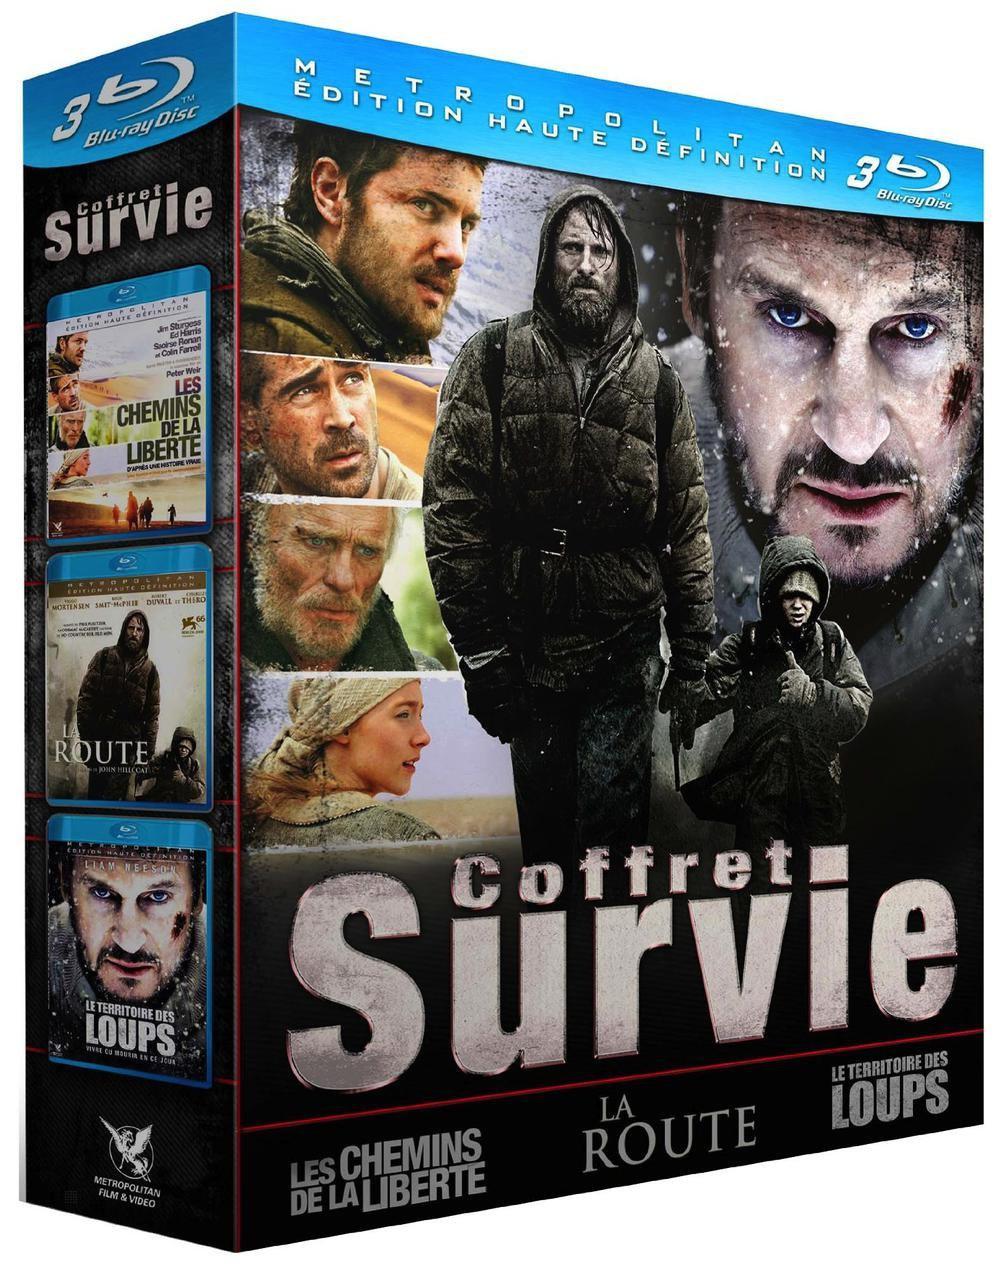 Coffret 3 films Survie en Blu-ray : Le territoire des loups + La route + Les chemins de la liberté